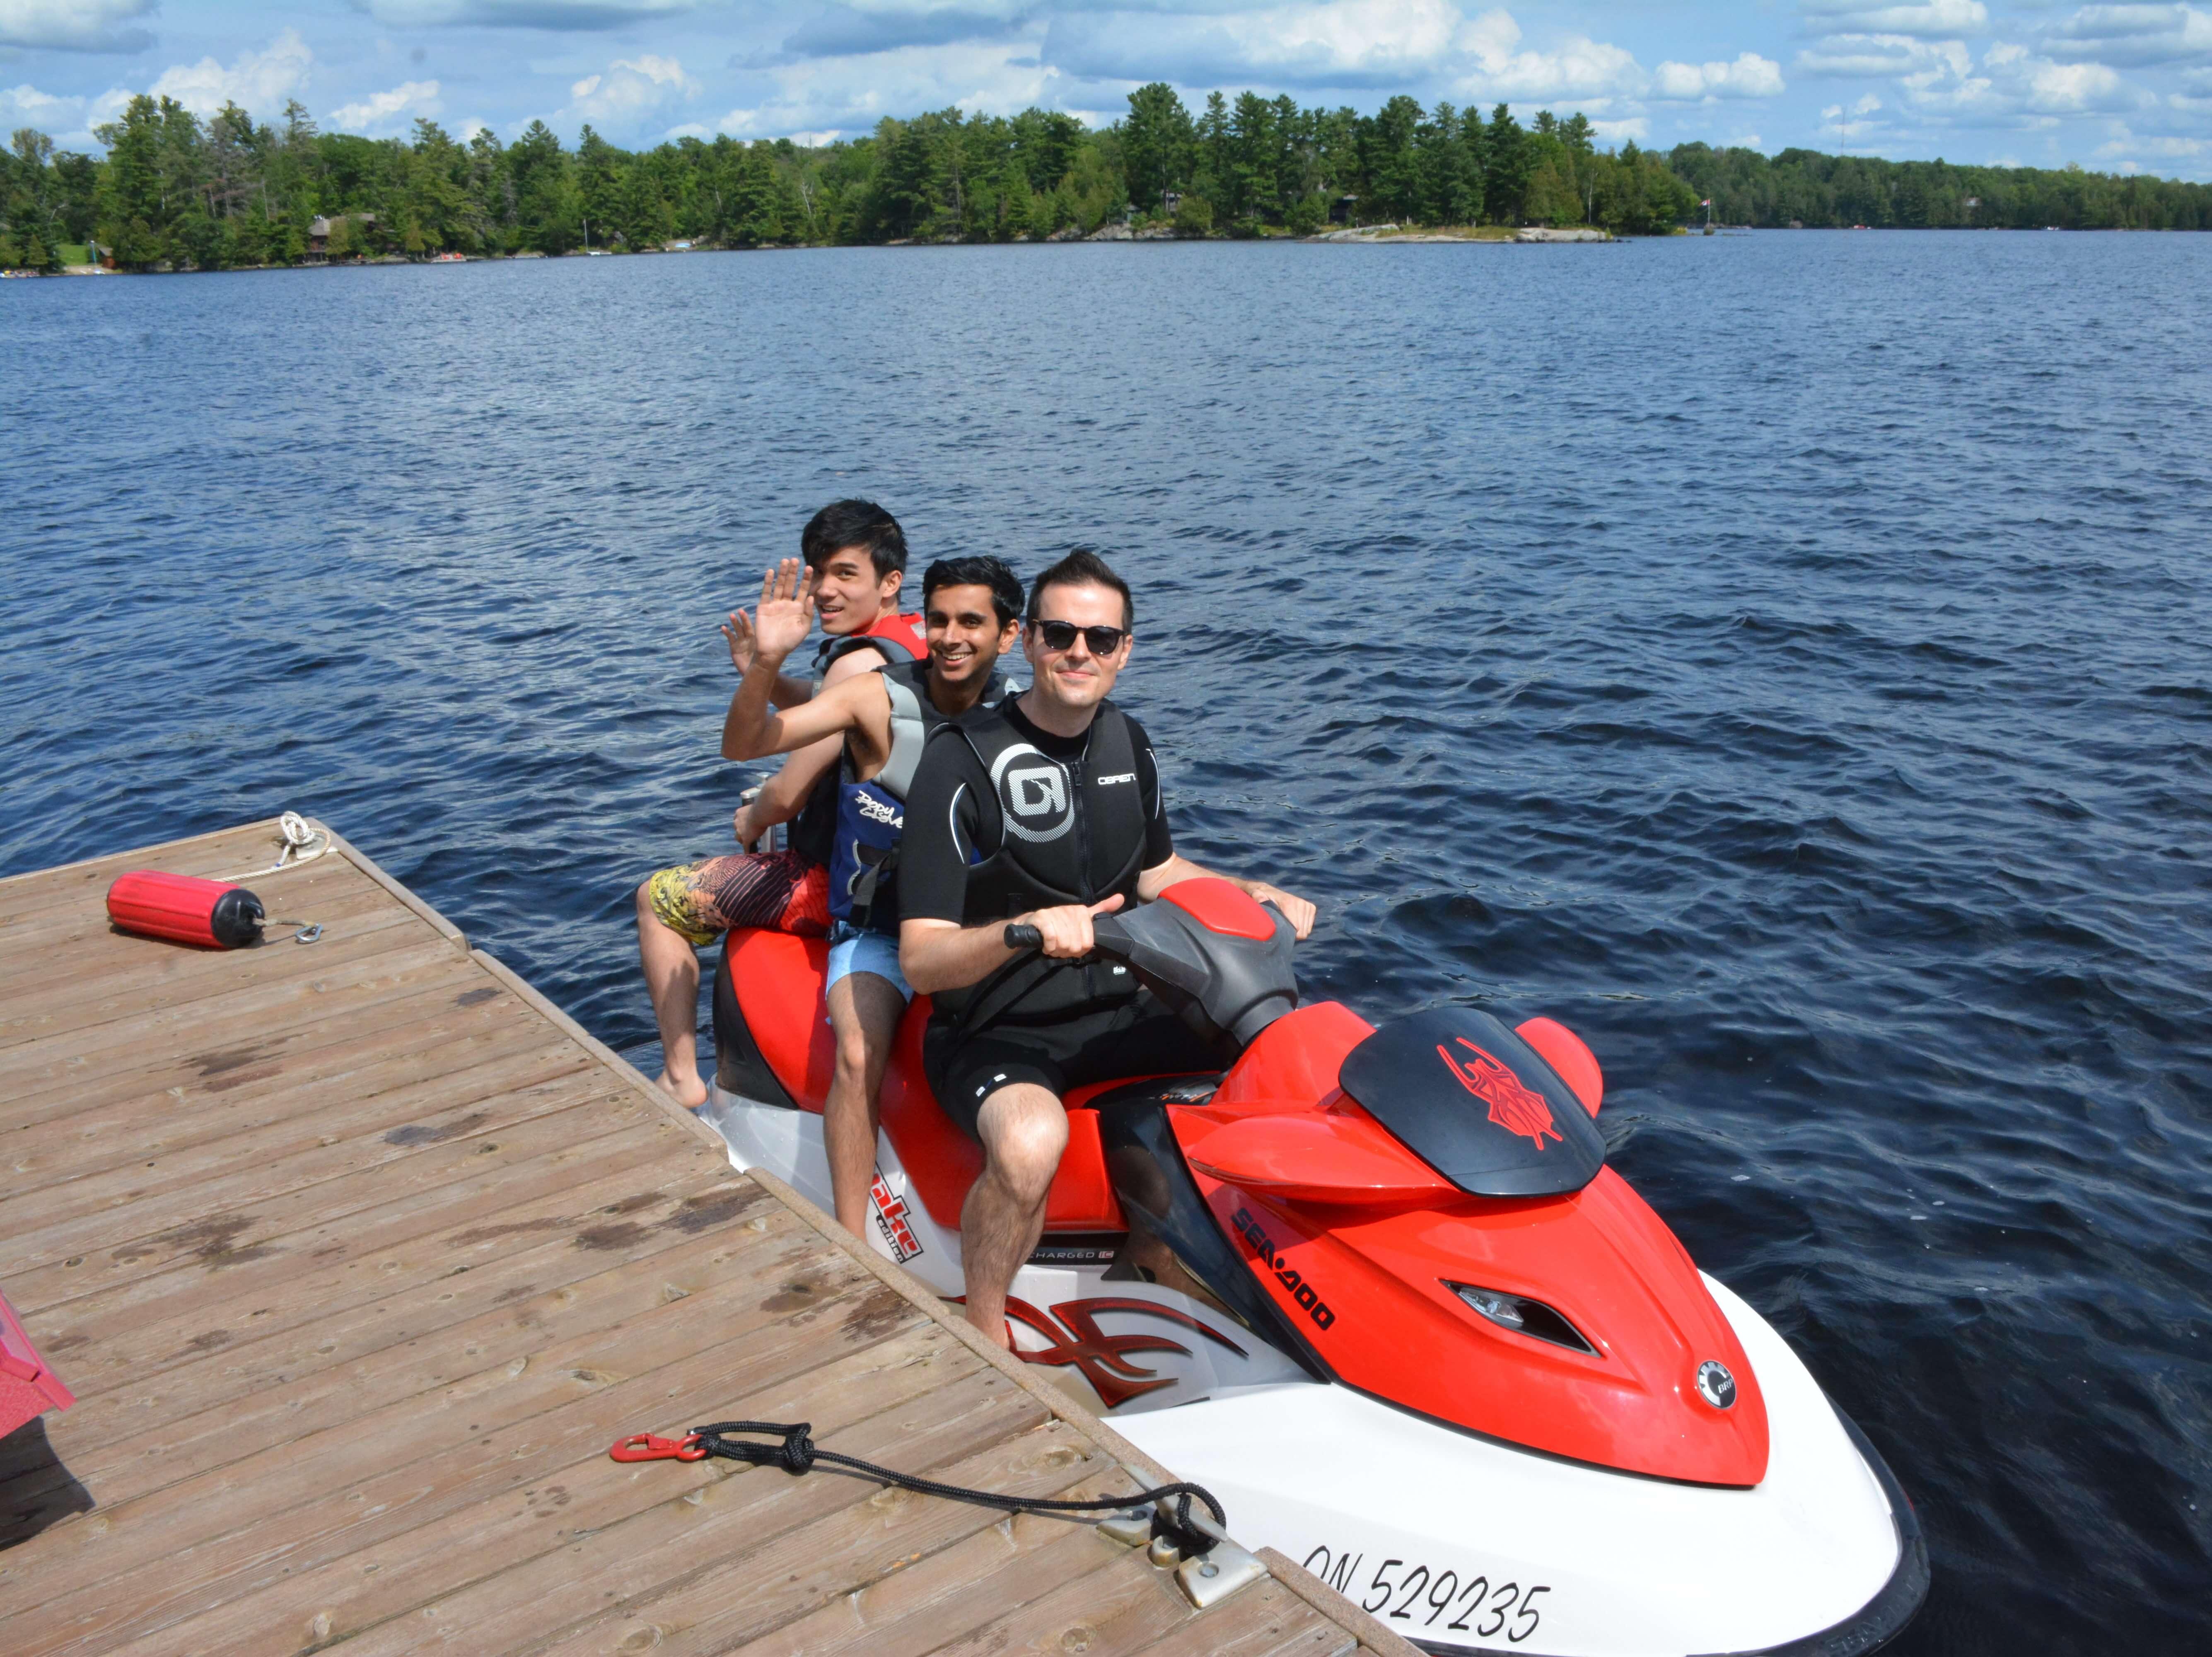 Fun on the Water 2